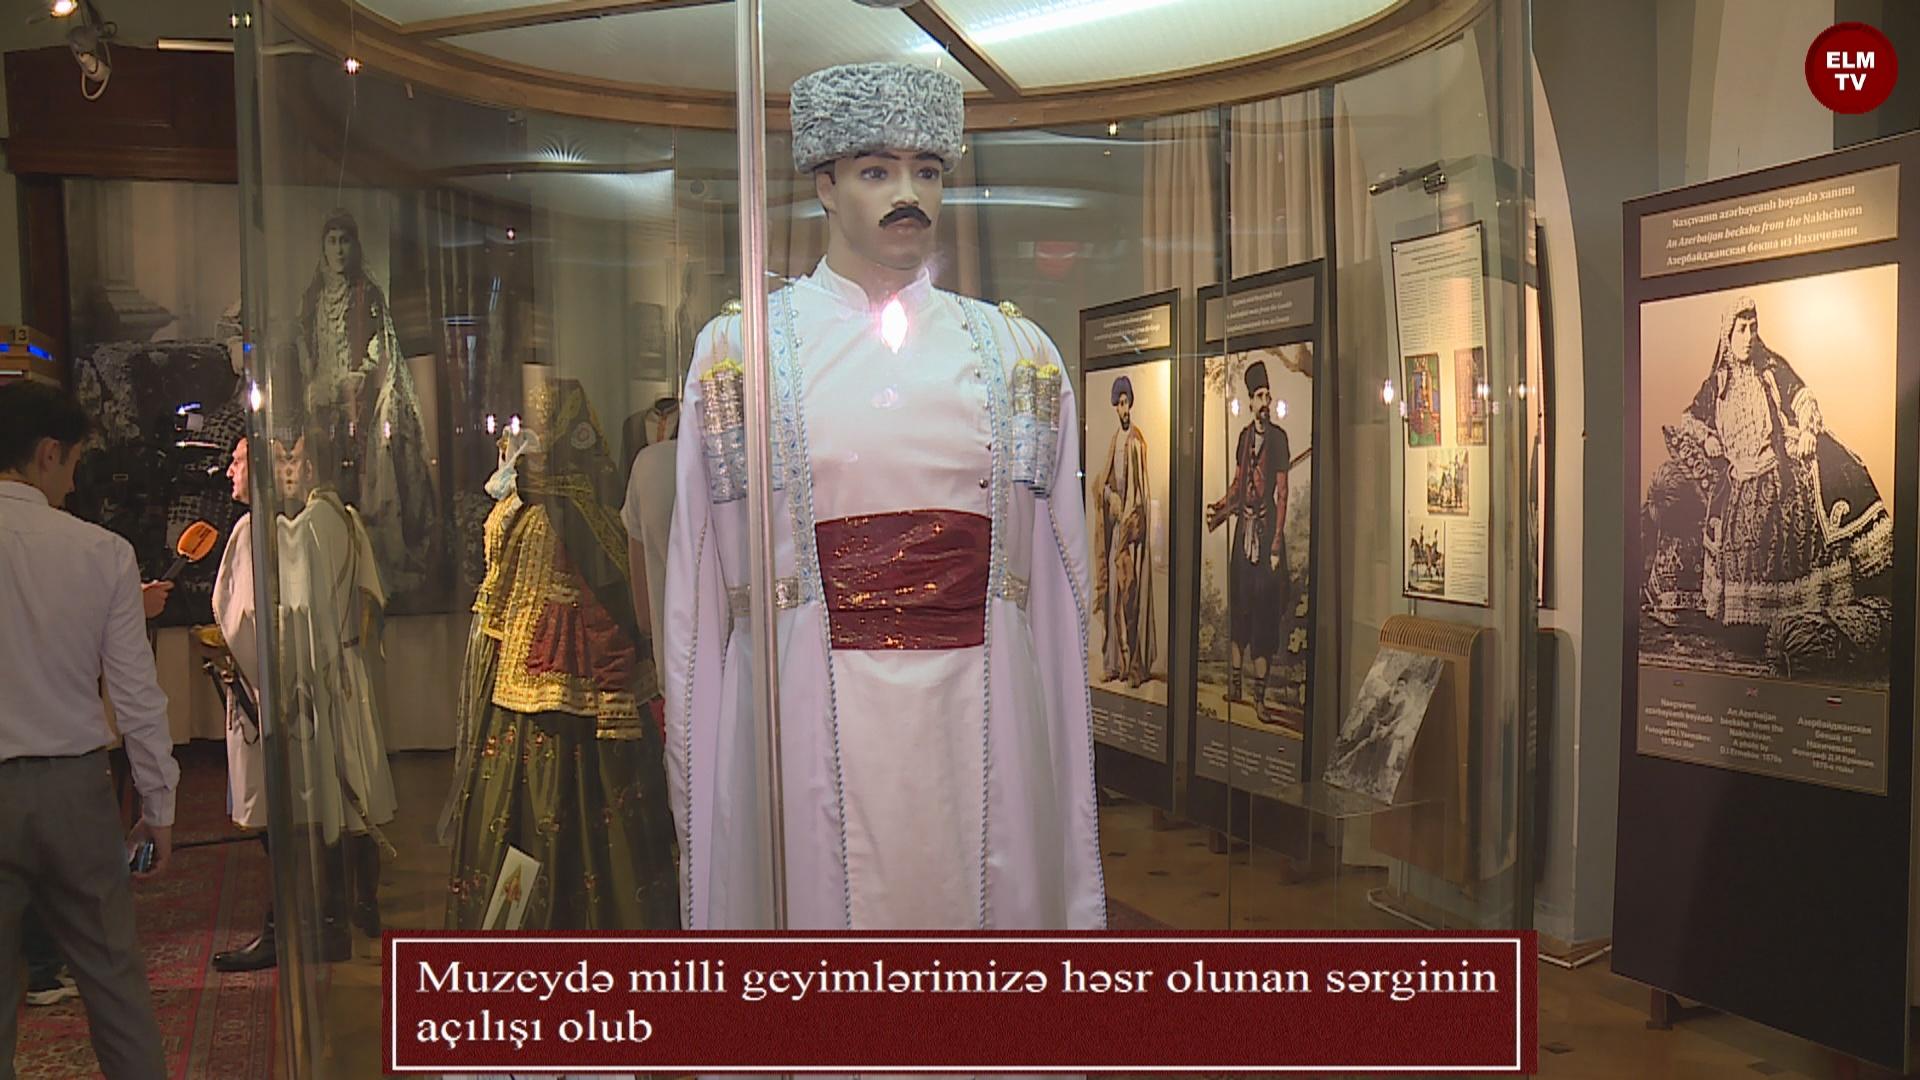 Muzeydə milli geyimlərimizə həsr olunan sərginin açılışı olub